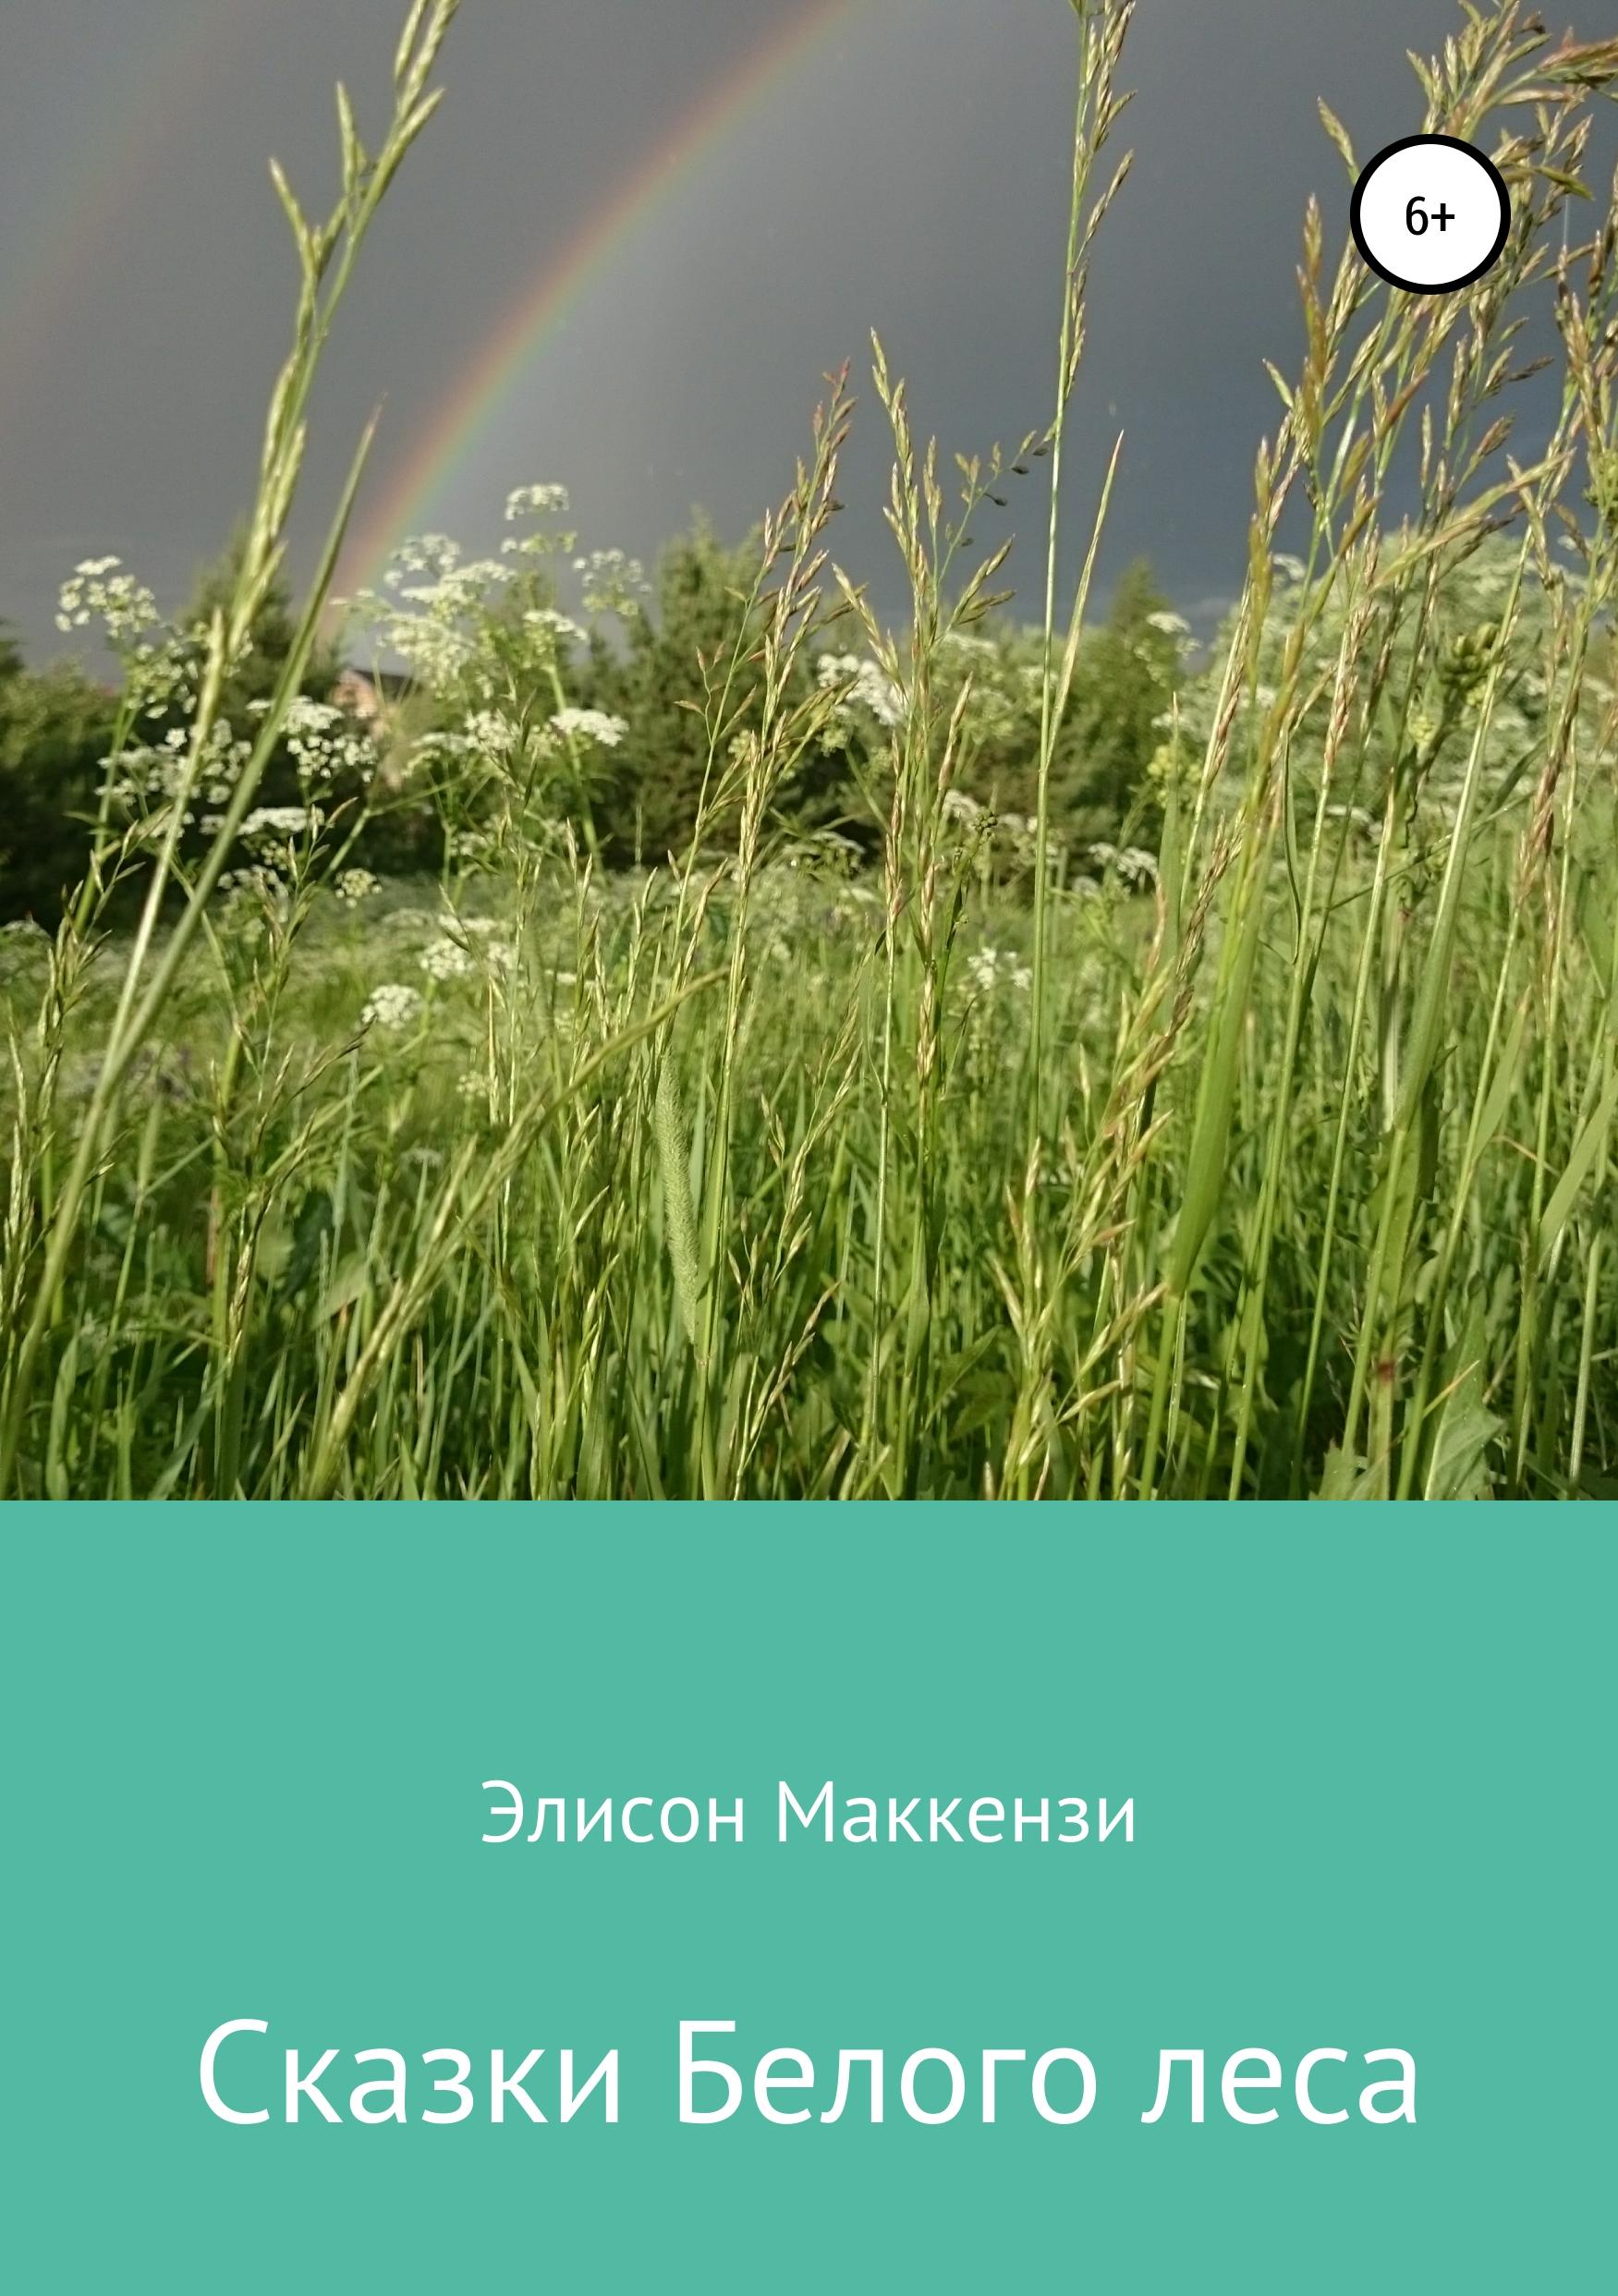 Купить книгу Сказки Белого леса, автора Элисон Маккензи